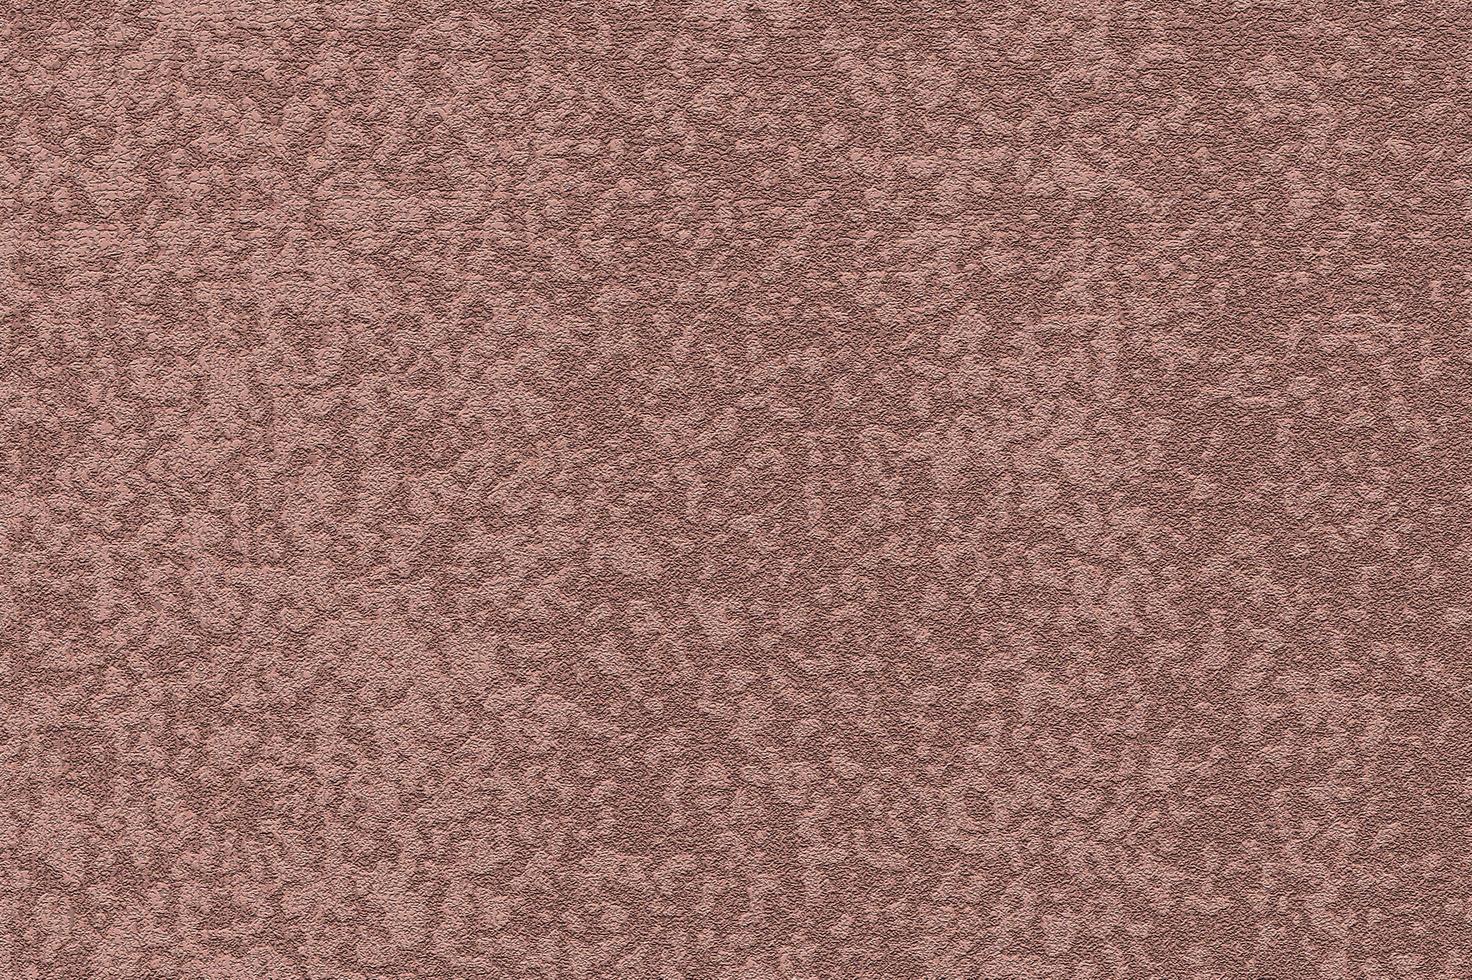 rissiger roter trockener Schmutz foto